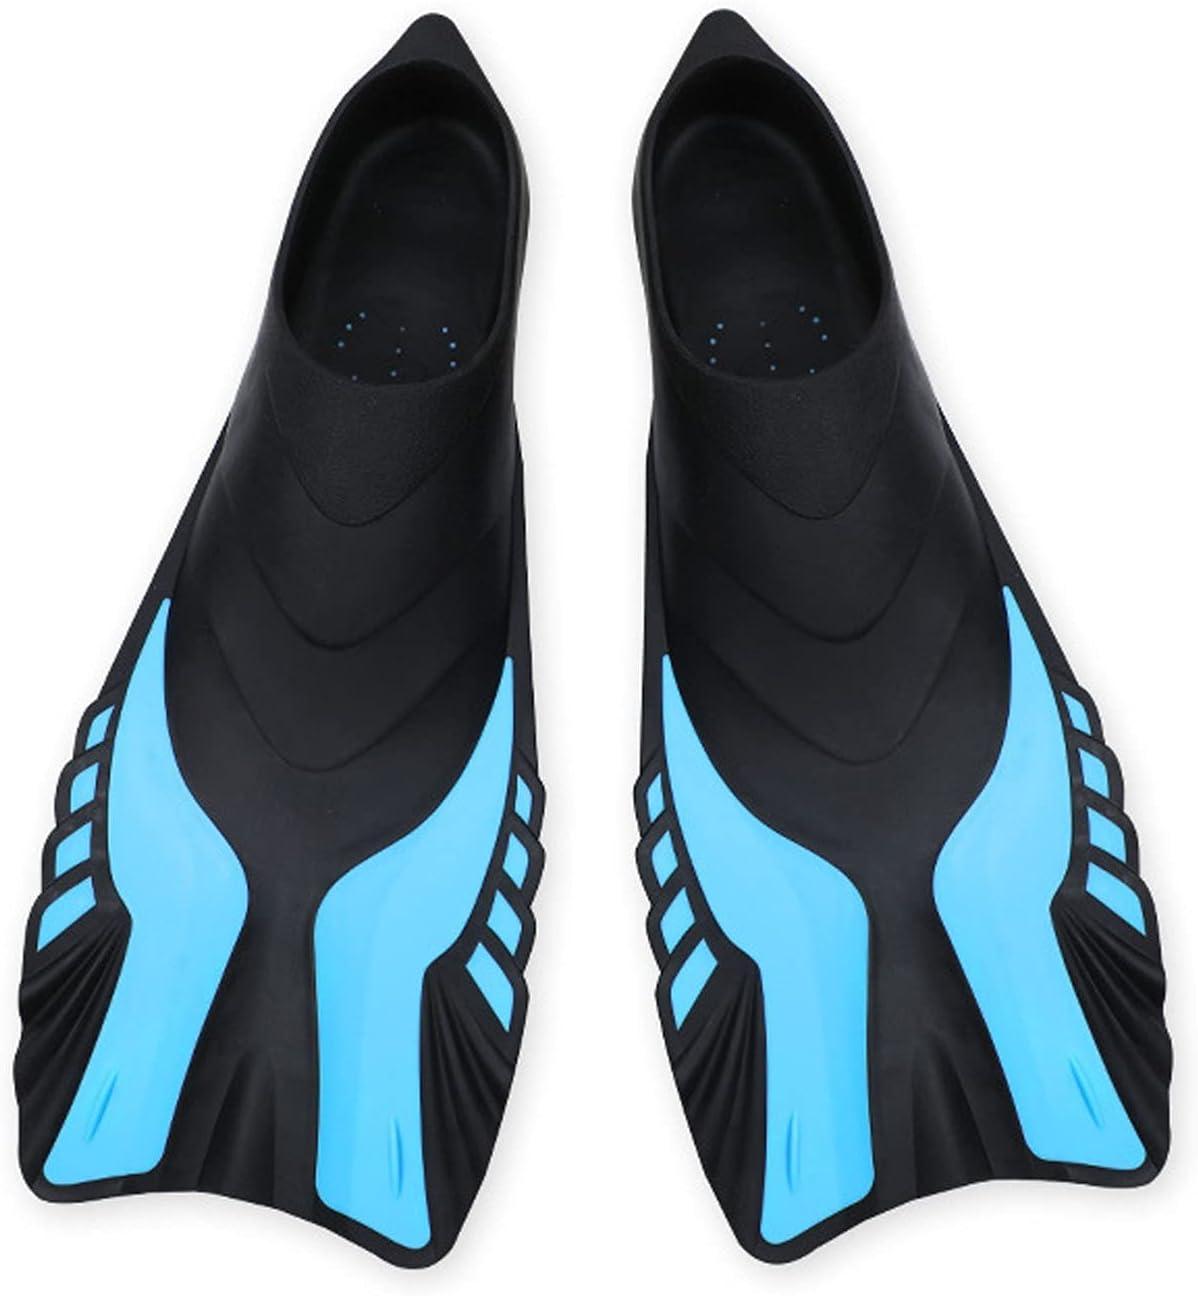 Swimming Fins Snorkel Flippers Water Sport Flexible Neoprene Ant